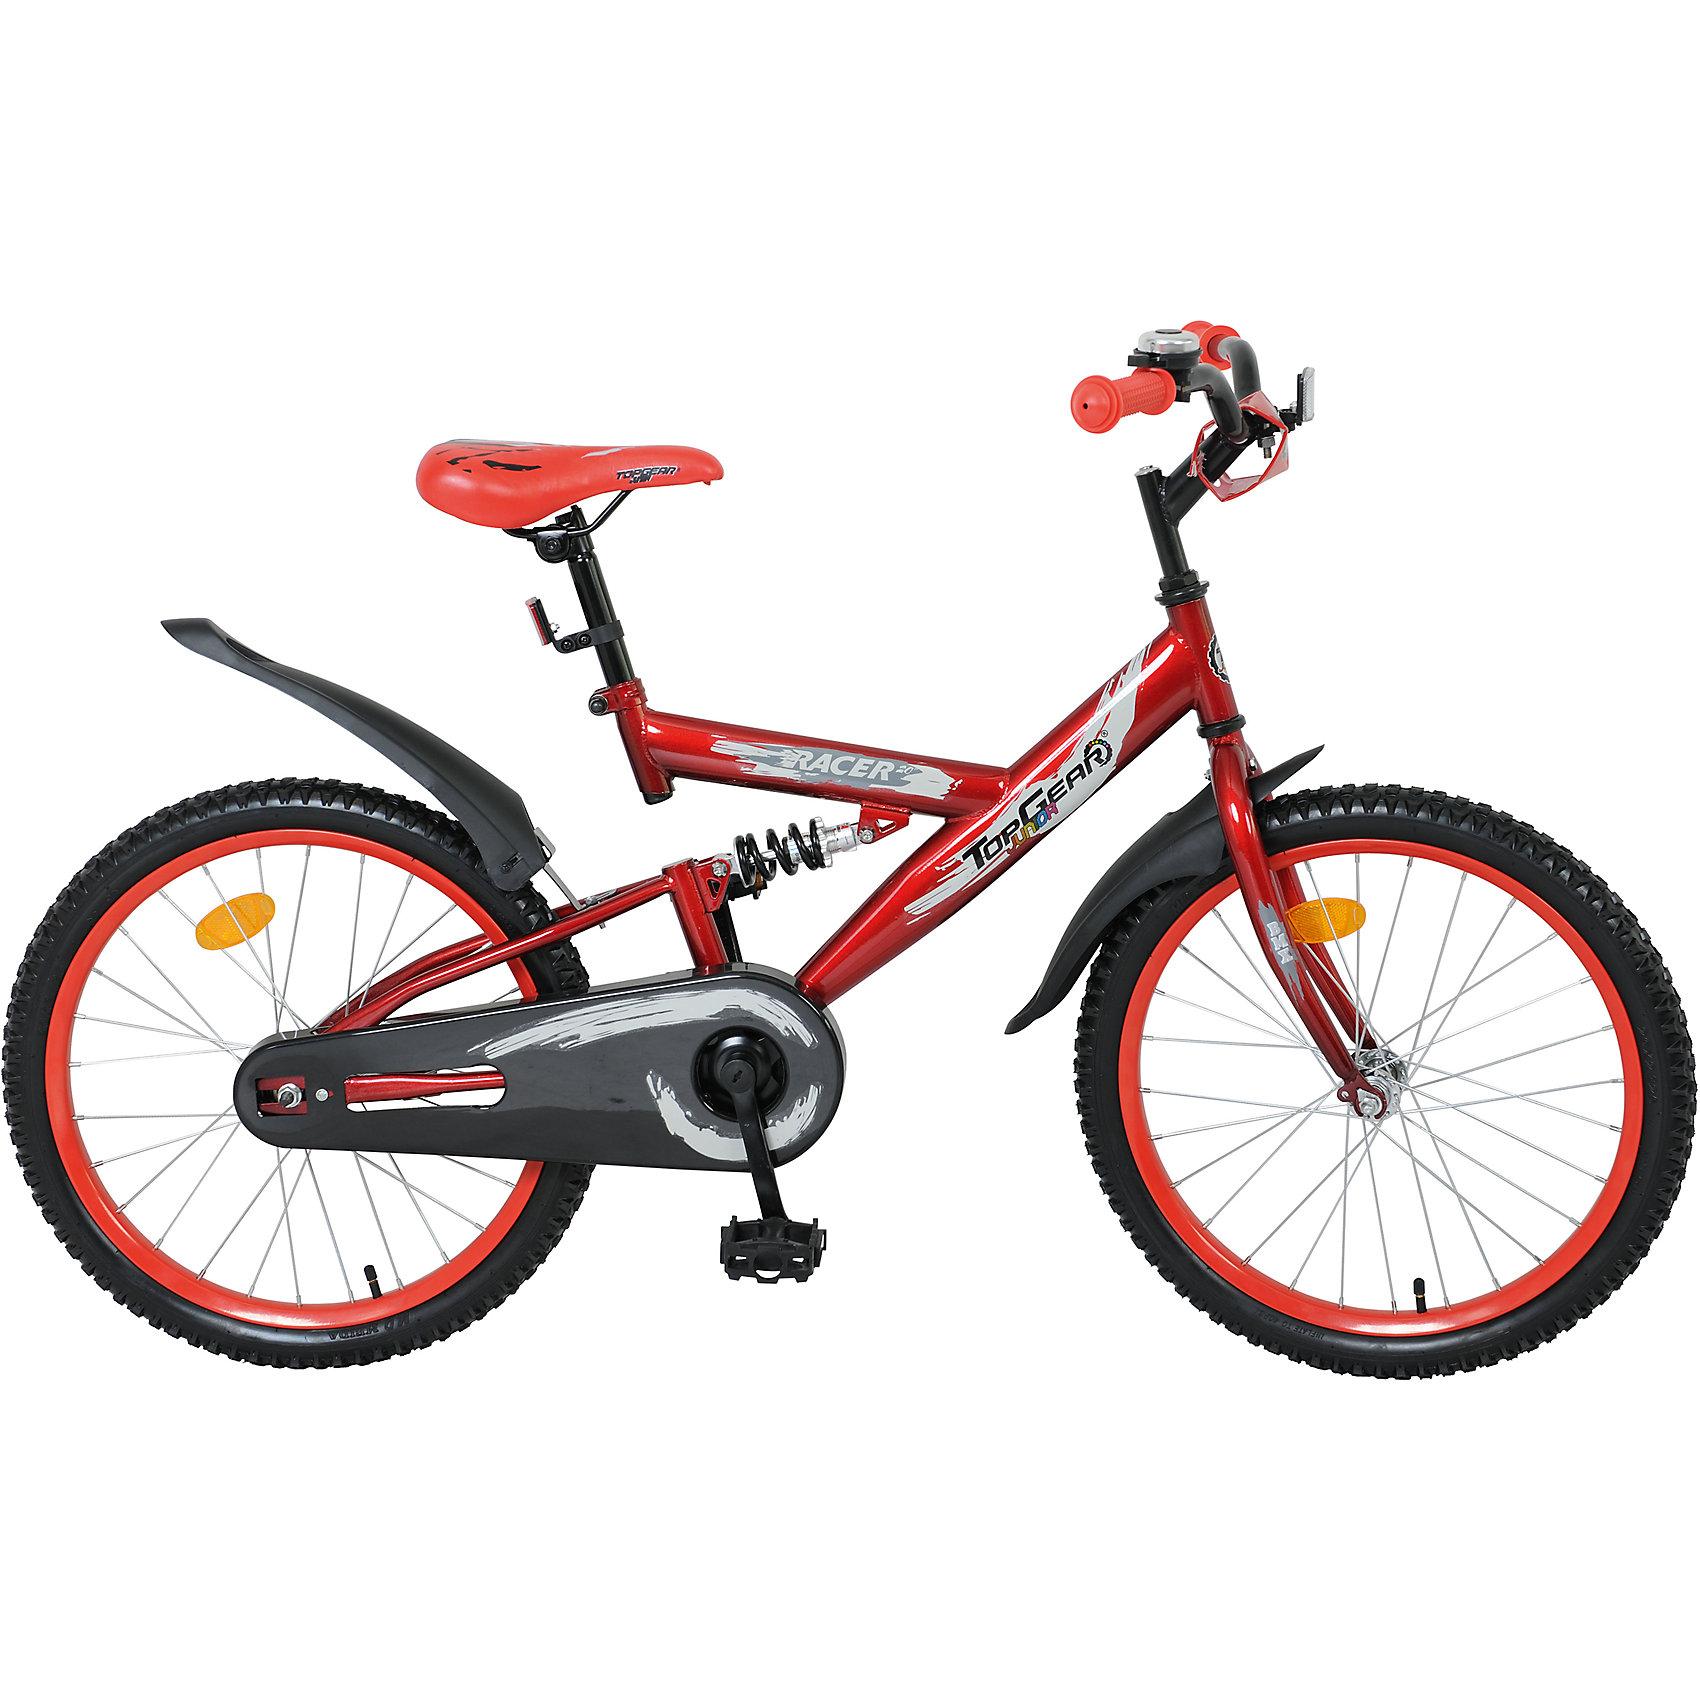 Велосипед Junior Racer, красный, Top GearВелосипеды детские<br>Велосипед Junior Racer, красный, Top Gear (Топ Гир) - это взрослое качество и характеристики в детском велосипеде!<br>Top Gear Junior - коллекция люксового сегмента, велосипеды взрослого качества и конструкции - специально для детей. Продукция Top Gear Junior обладает всеми улучшенными характеристиками Navigator, а также своими уникальными особенностями. Велосипеды выгодно выделяются, благодаря яркому цветному дизайну седла и вставок в колёса и разнообразным дополнительным аксессуарам. Велосипед Junior Racer имеет двухподвесную амортизационную раму, еврокаретку и полную защиту цепи, что делает его надежным и комфортным. Ручки велосипеда покрыты нескользящими накладками. Сидение мягкое, эргономичное, регулируется по высоте. Педали имеют противоскользящую рифленую поверхность. Комплектуется выдвижной подножкой, звонком, светоотражателями. Надежный и функциональный велосипед Junior Racer одинаково подойдет и для прогулок по городу, и для езды по пересеченной местности.<br><br>Дополнительная информация:<br><br>- Велосипед предназначен для детей от 7 до 14 лет<br>- Подходит для детей ростом 120 - 145 см<br>- Тип велосипеда: горный<br>- Конструкция вилки: жесткая<br>- Модель универсальна, предназначена для девочек и мальчиков<br>- Диаметр колес: 20 дюймов<br>- Цвет: красный<br>- Материал рамы: сталь<br>- Материал руля: сталь<br>- Вес в упаковке: 12,7 кг.<br><br>Велосипед Junior Racer, красный, Top Gear (Топ Гир) можно купить в нашем интернет-магазине.<br><br>Ширина мм: 1080<br>Глубина мм: 165<br>Высота мм: 510<br>Вес г: 12700<br>Возраст от месяцев: 60<br>Возраст до месяцев: 120<br>Пол: Унисекс<br>Возраст: Детский<br>SKU: 4655139